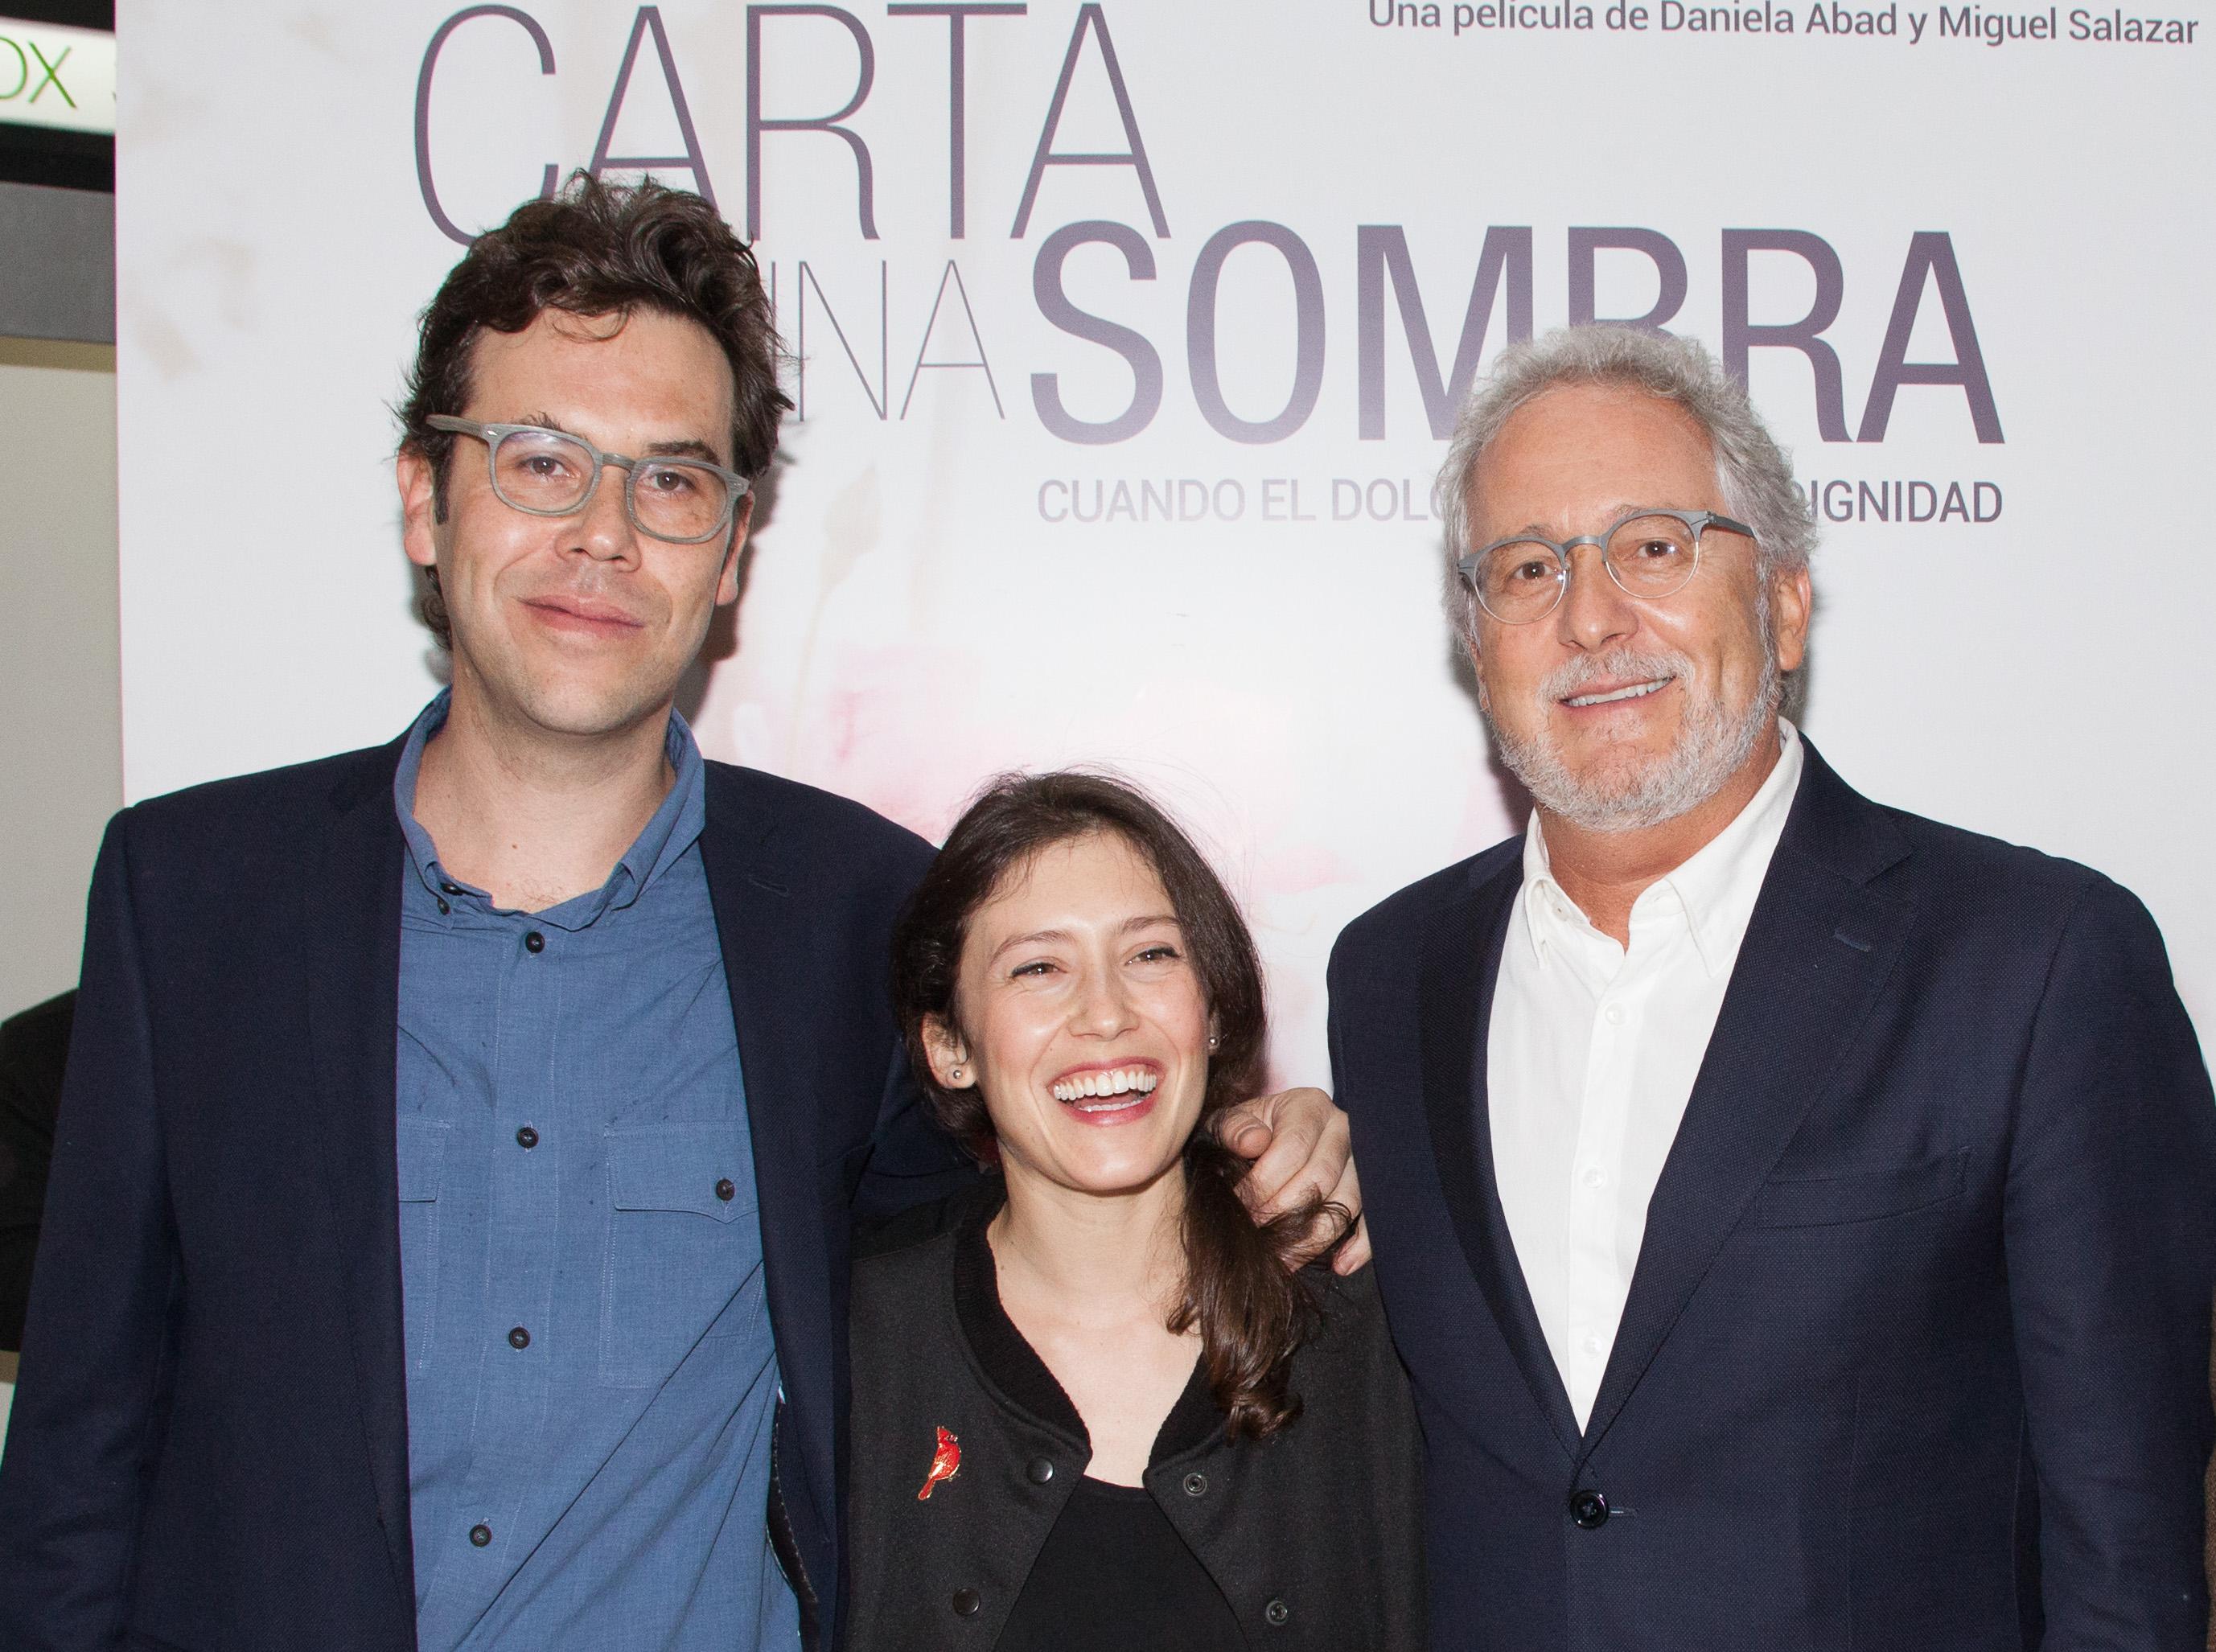 Miguel Salazar, Daniela Abad y Héctor Abad Faciolince